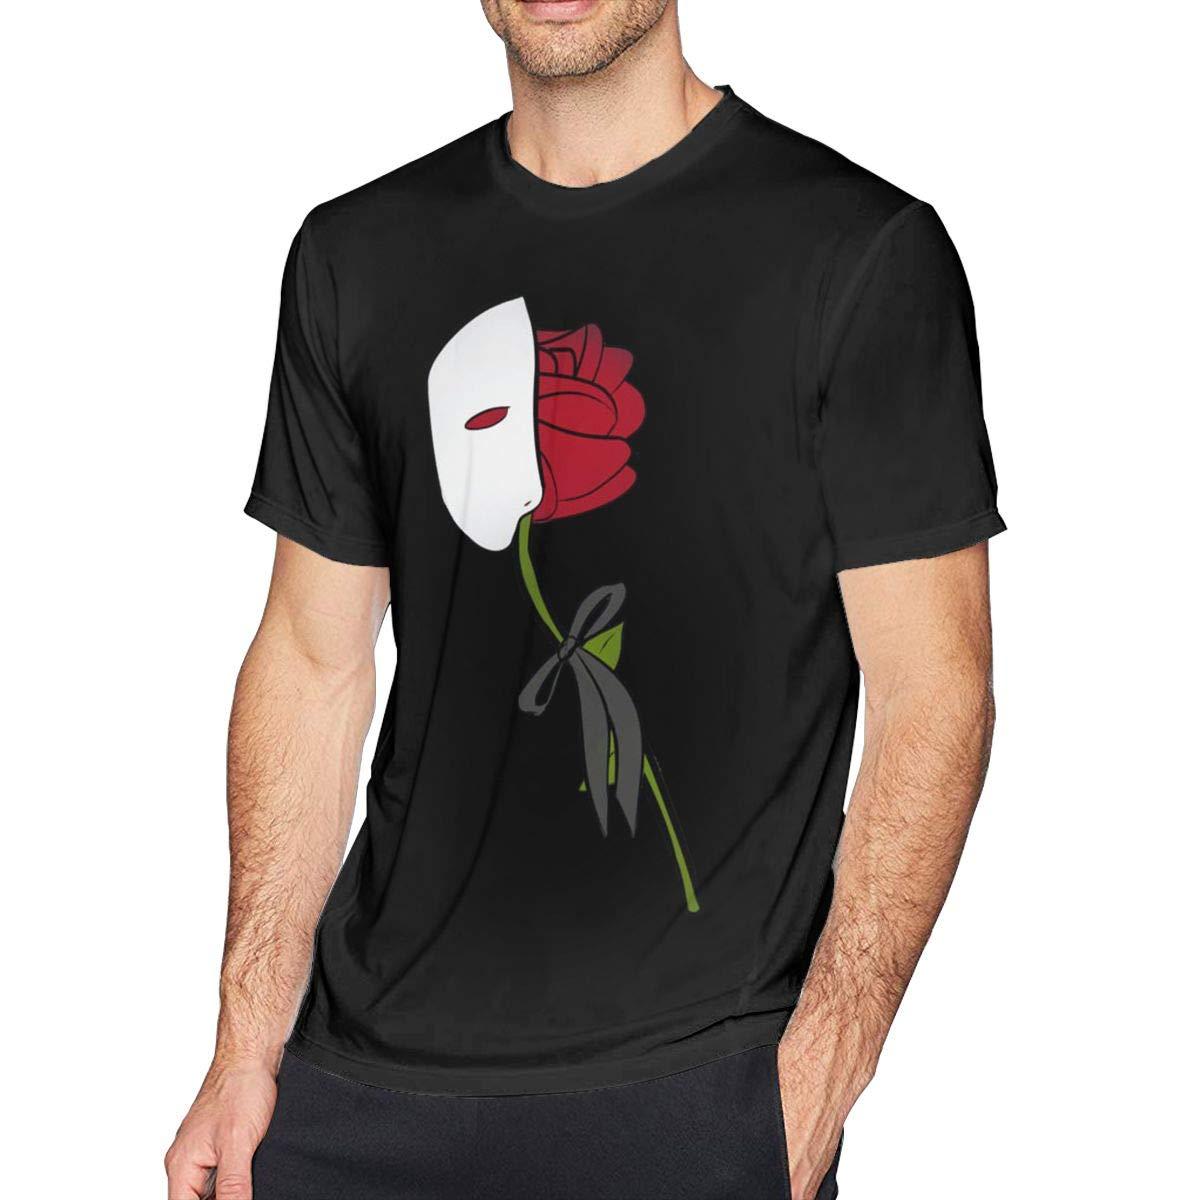 Lemonationop The Phantom Of The Opera S Unisex For Black T Shirt